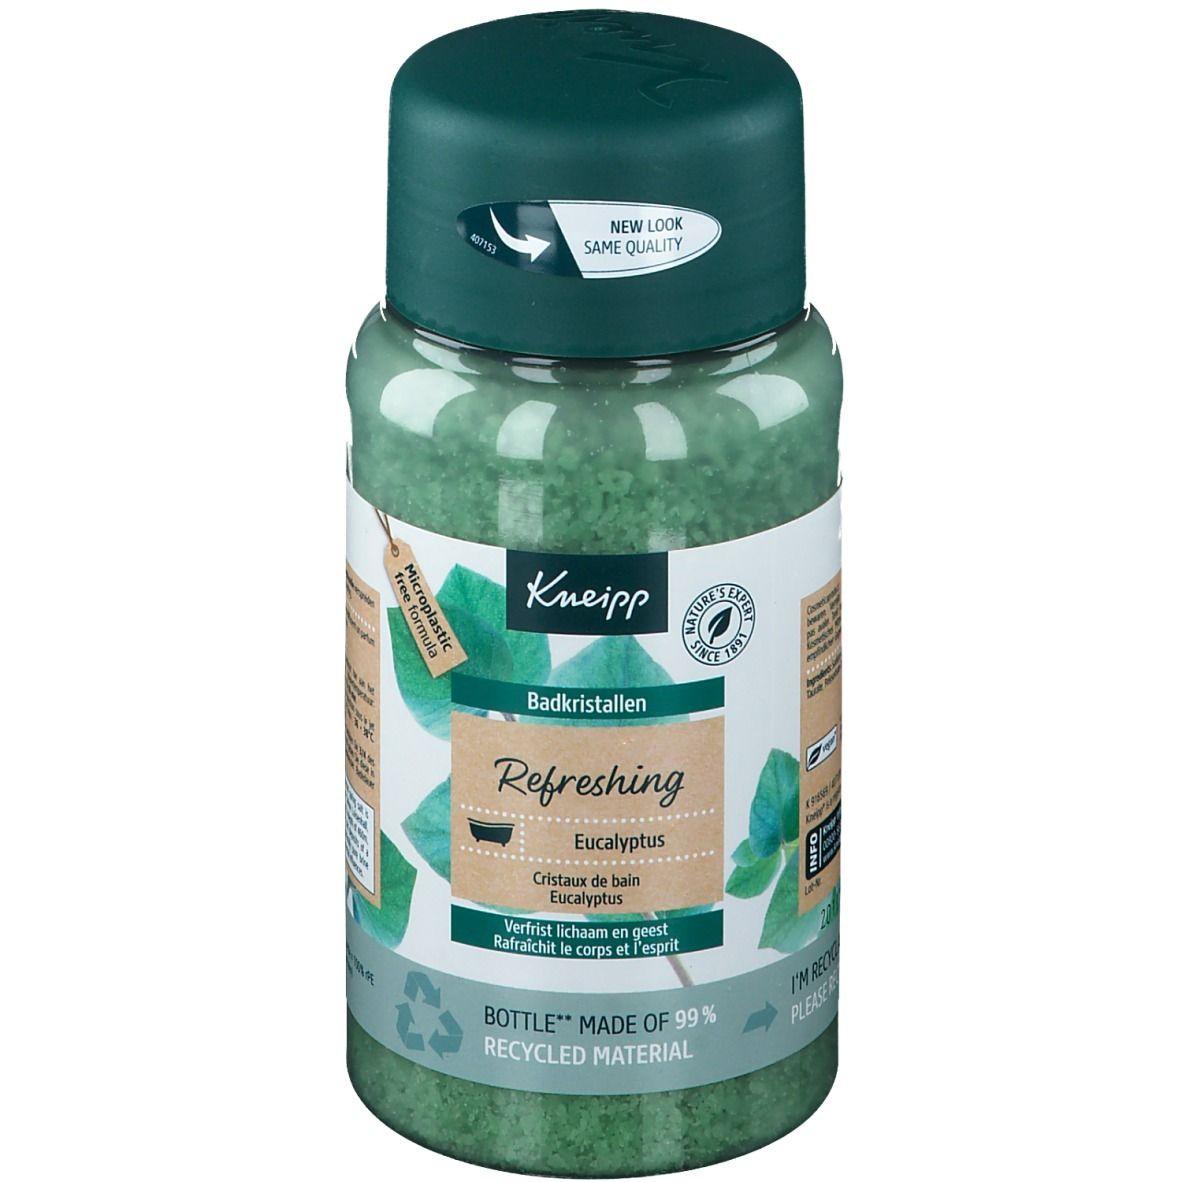 Kneipp Cristaux pour le bain Refreshing Eucalyptus g sel de bain